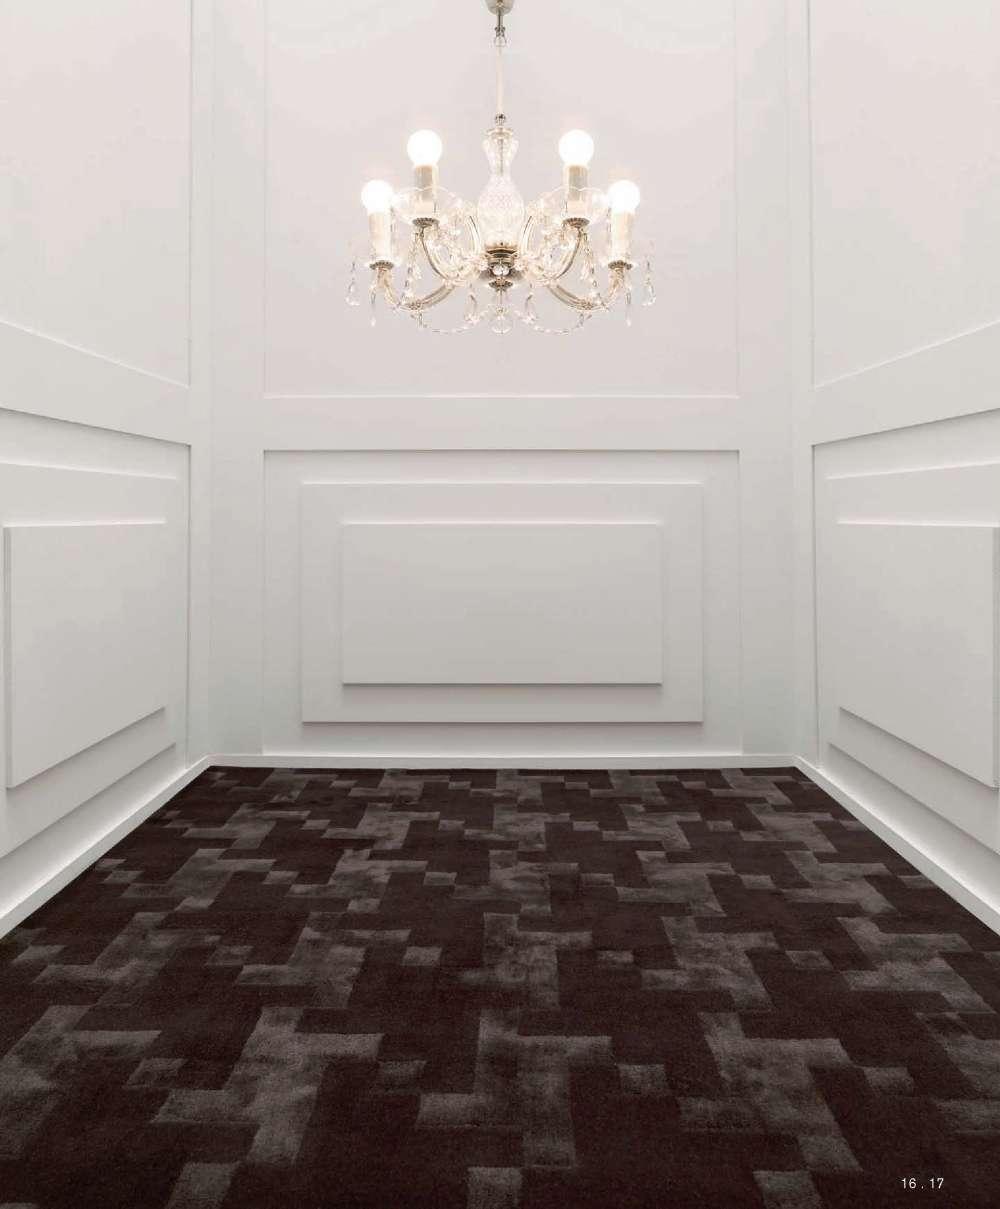 SIDI_Milano09-Rug(邱德光常用品牌地毯)10.21更新_007.jpg